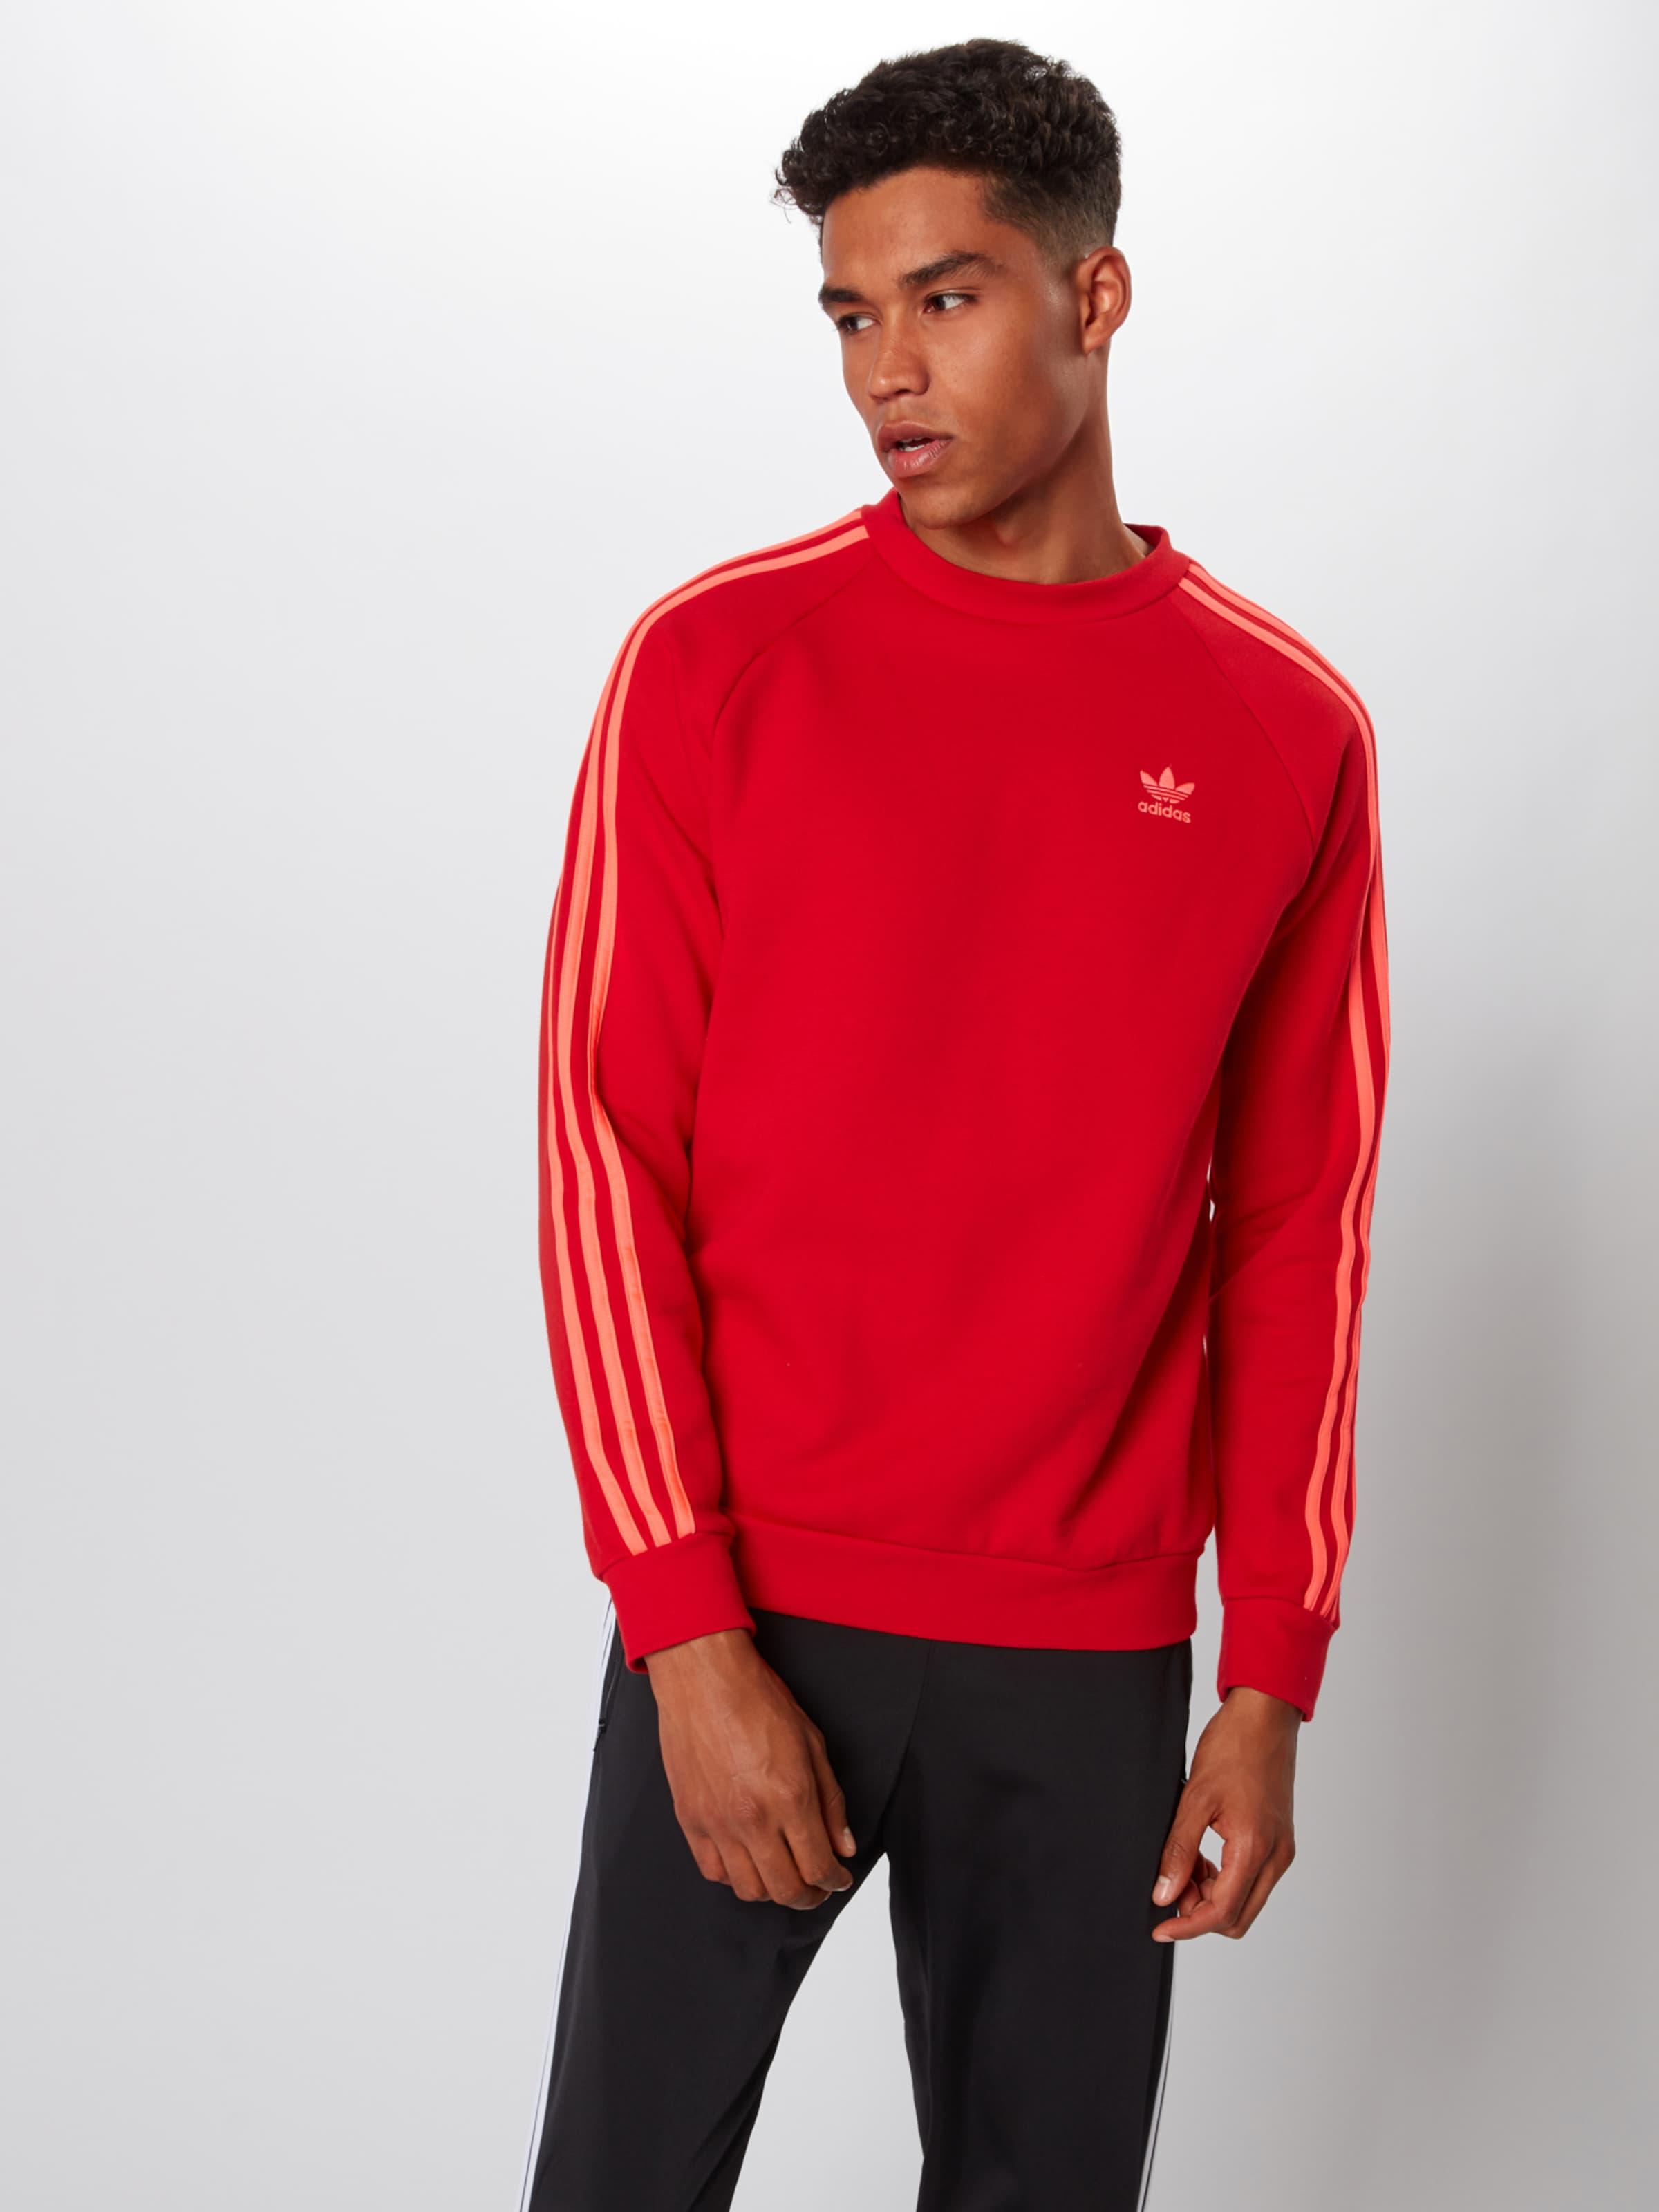 Sweat Rouge Adidas '3 En stripes' Originals shirt txhdCrsBQ